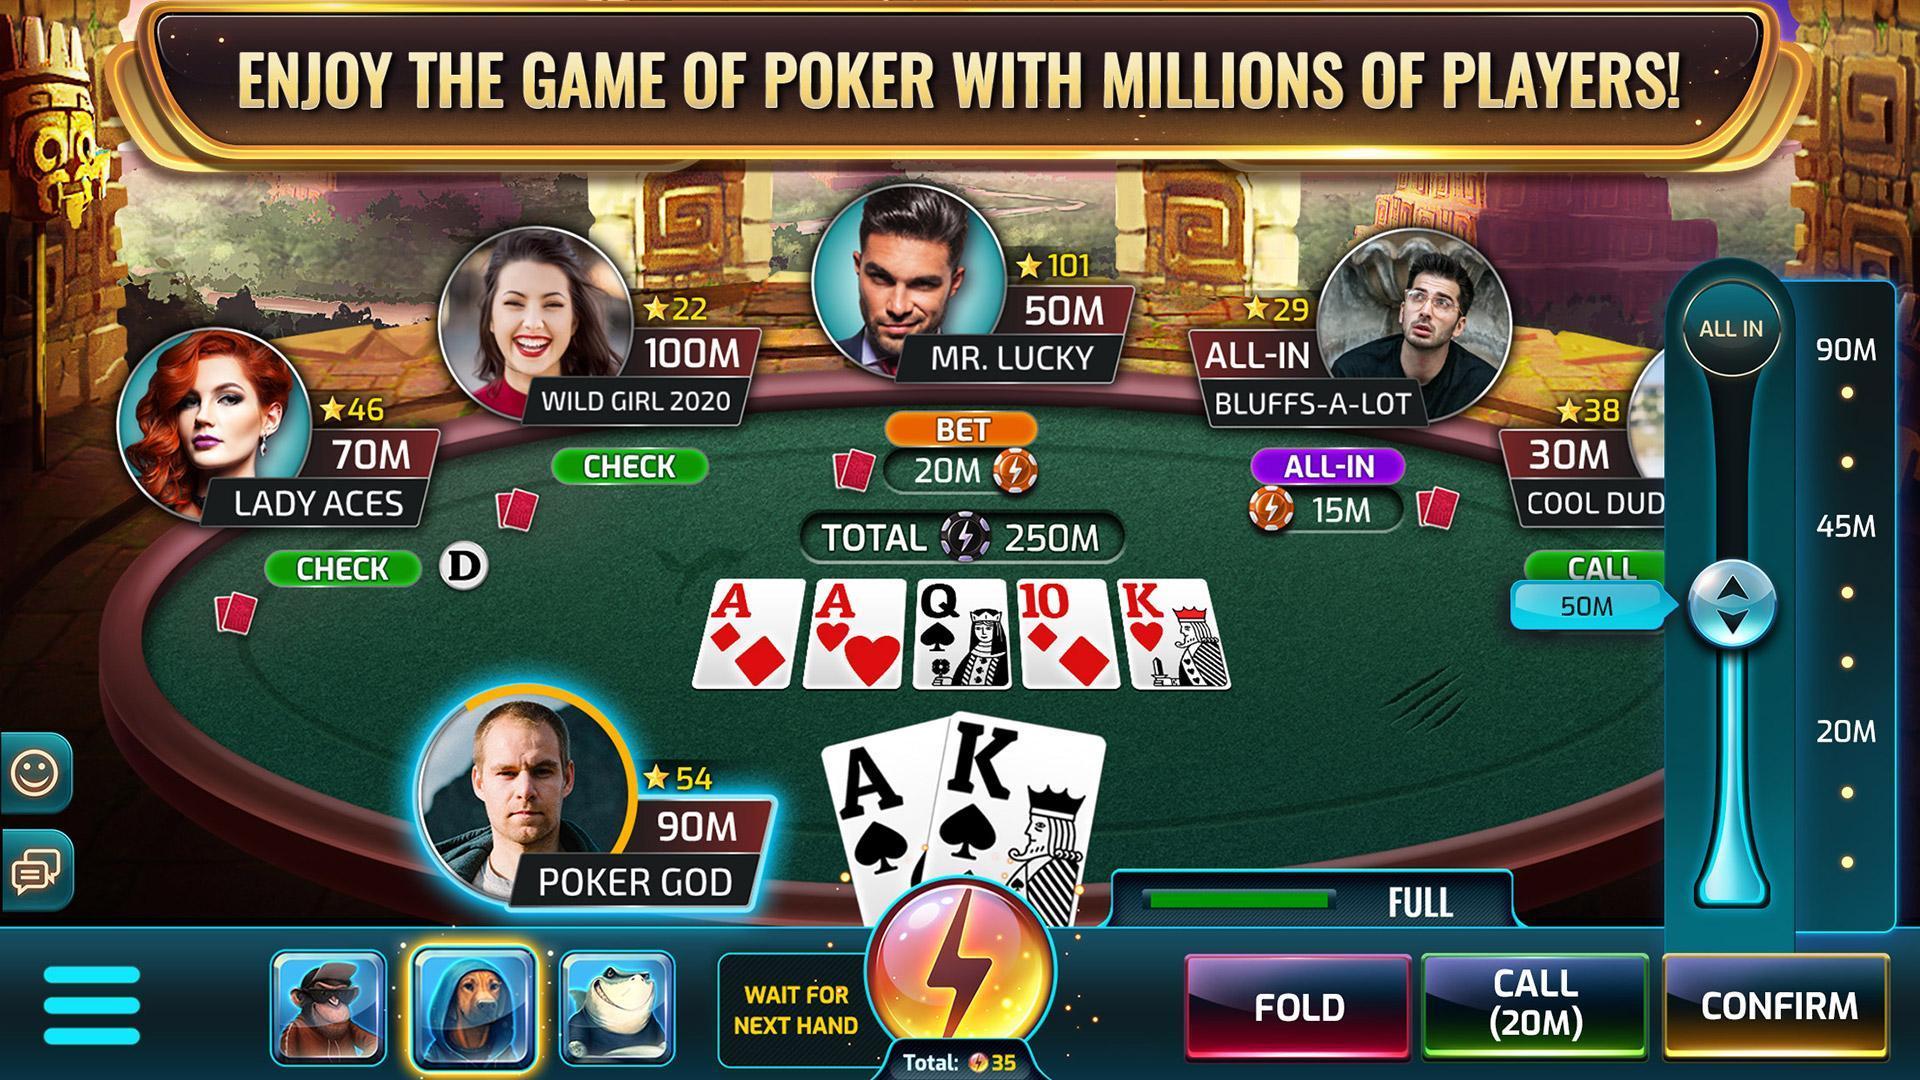 Покер онлайн играть бесплатно техасский холдем скачать самый лучший покер онлайн играть бесплатно